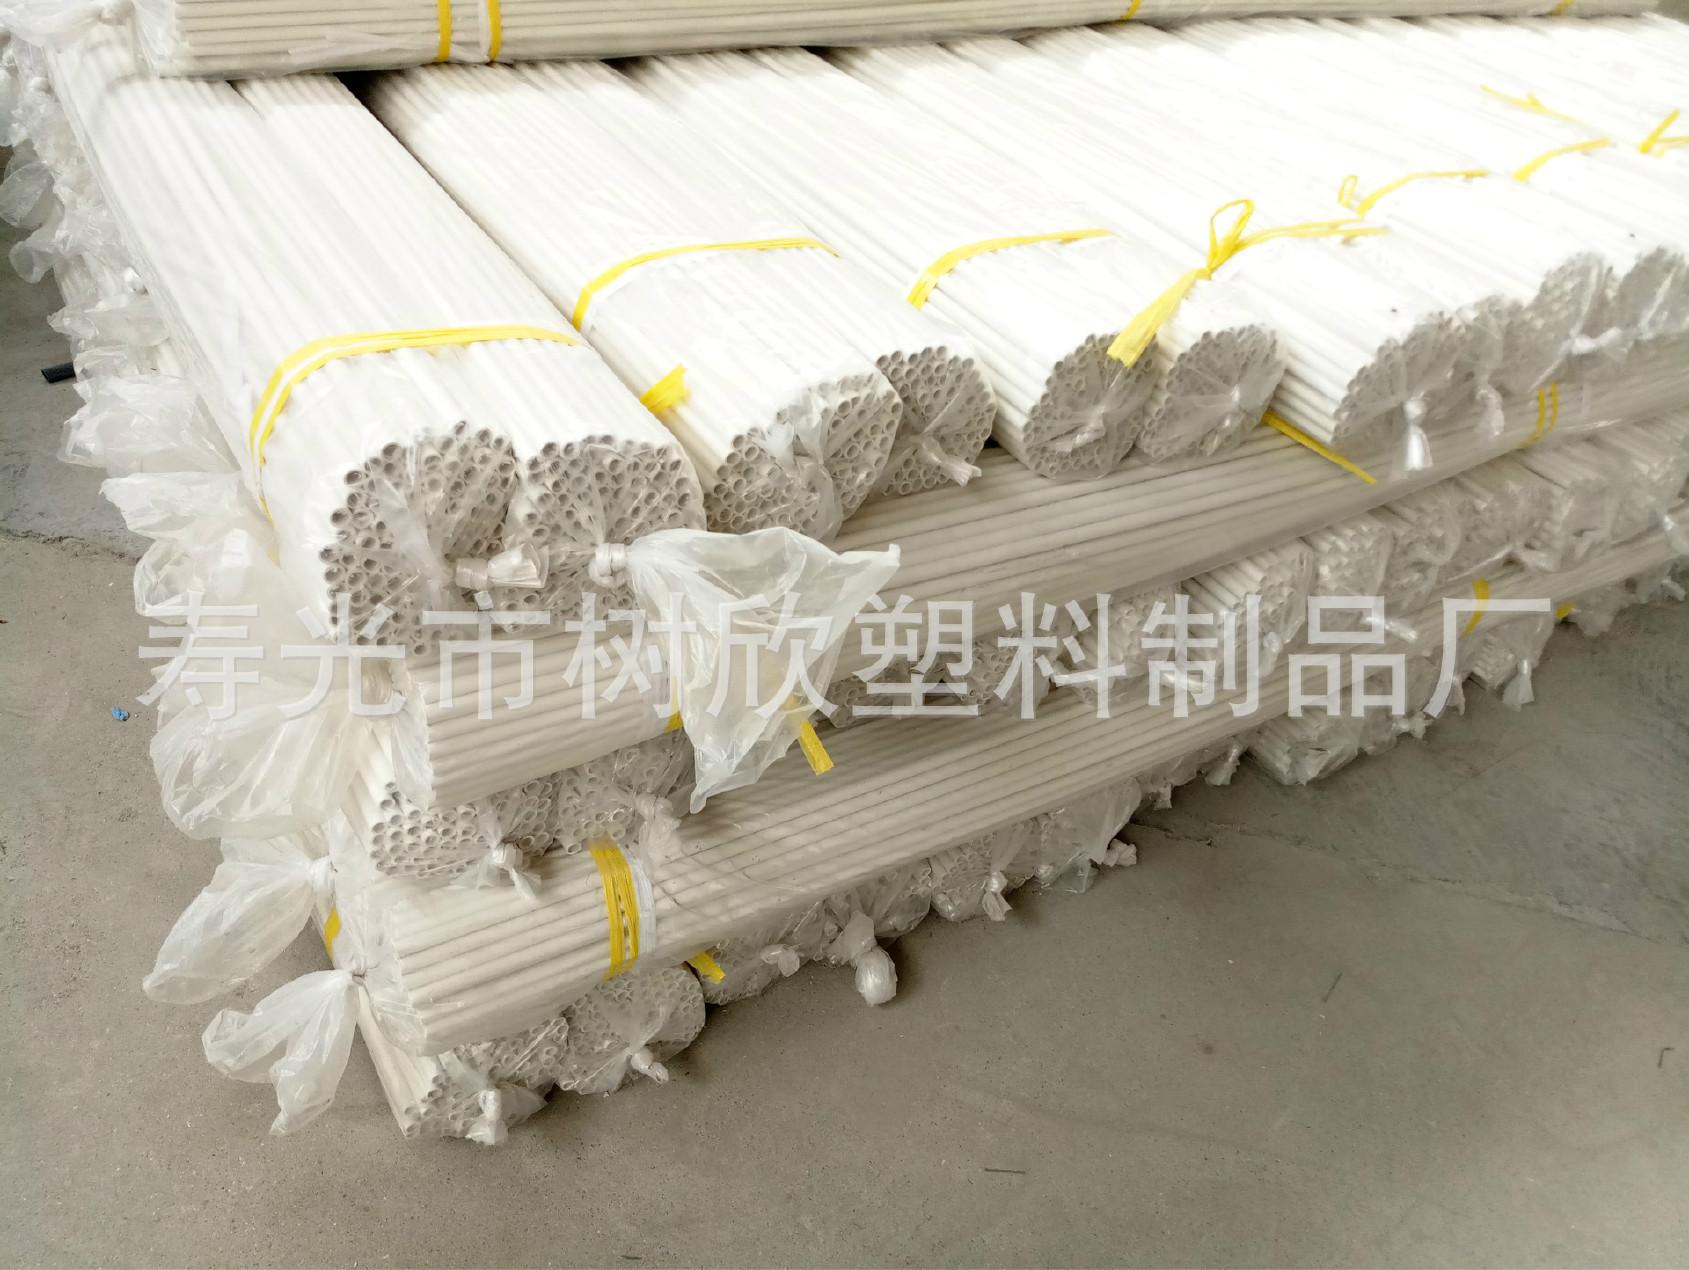 PVC塑料管 PVC硬管塑料管材 多规格厂家批发直销 PVC塑料管示例图40